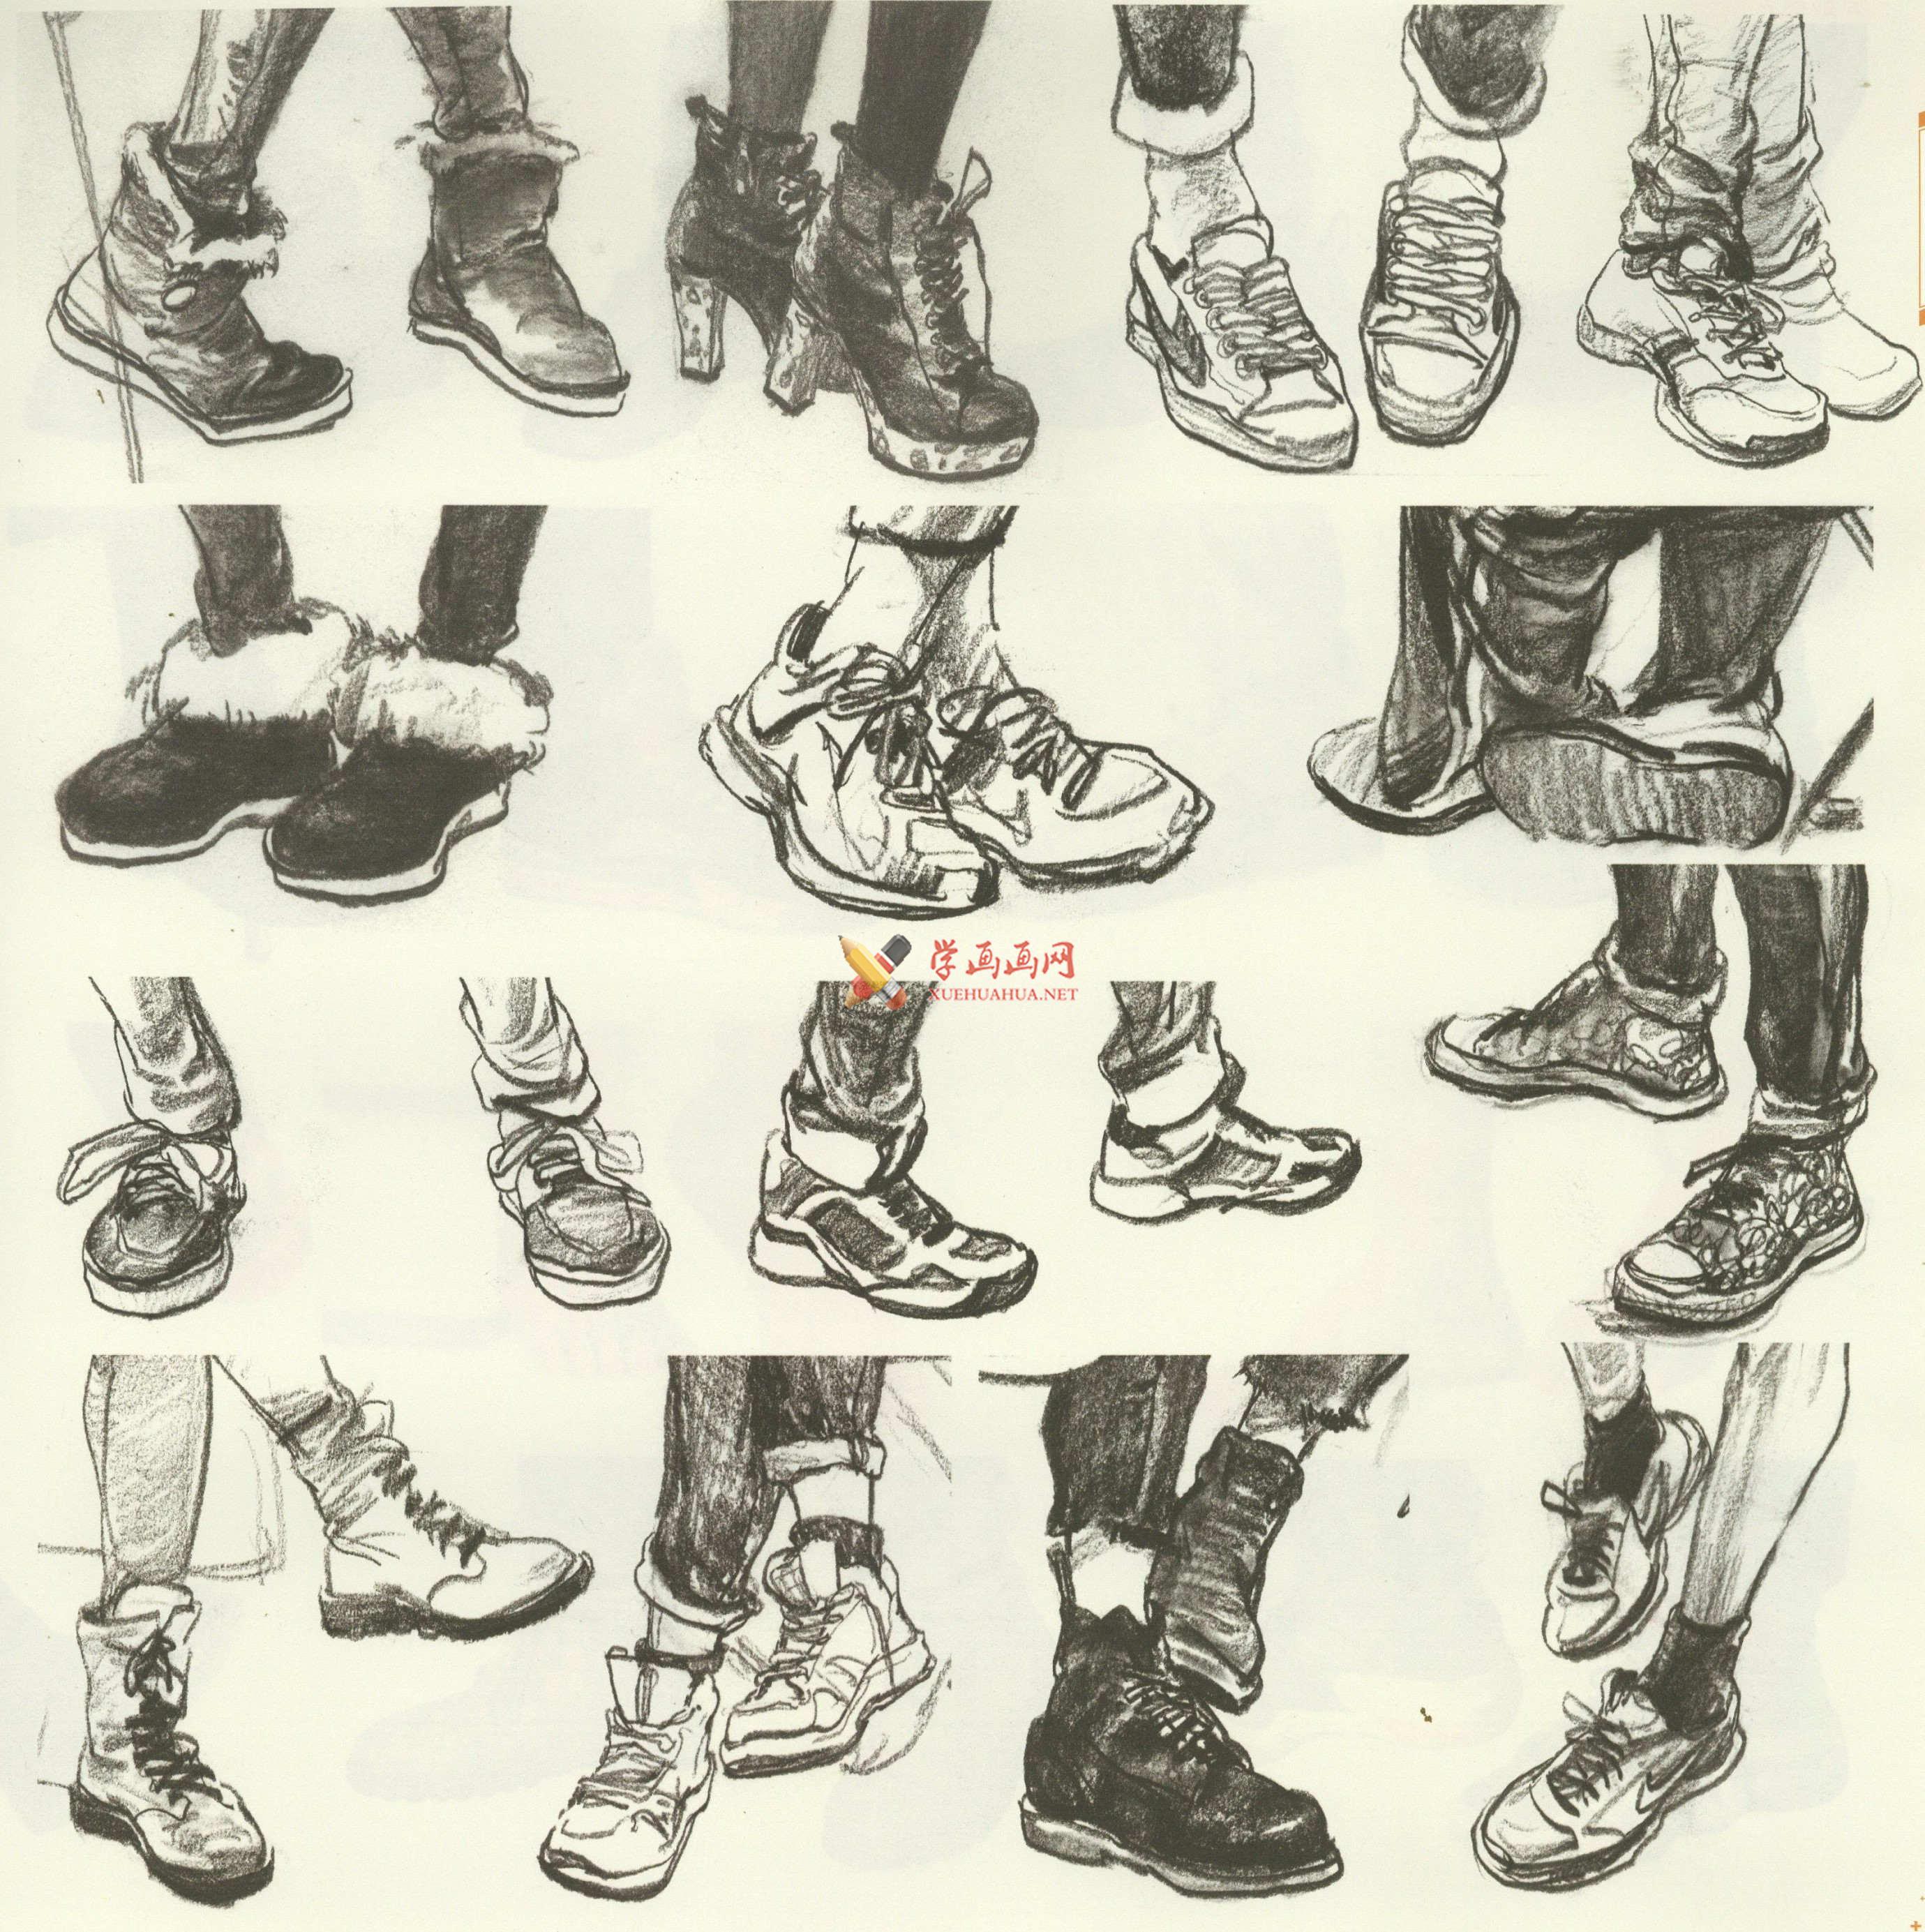 人物速写:鞋子的画法及各角度鞋子的速写画法临摹图片范画(14)